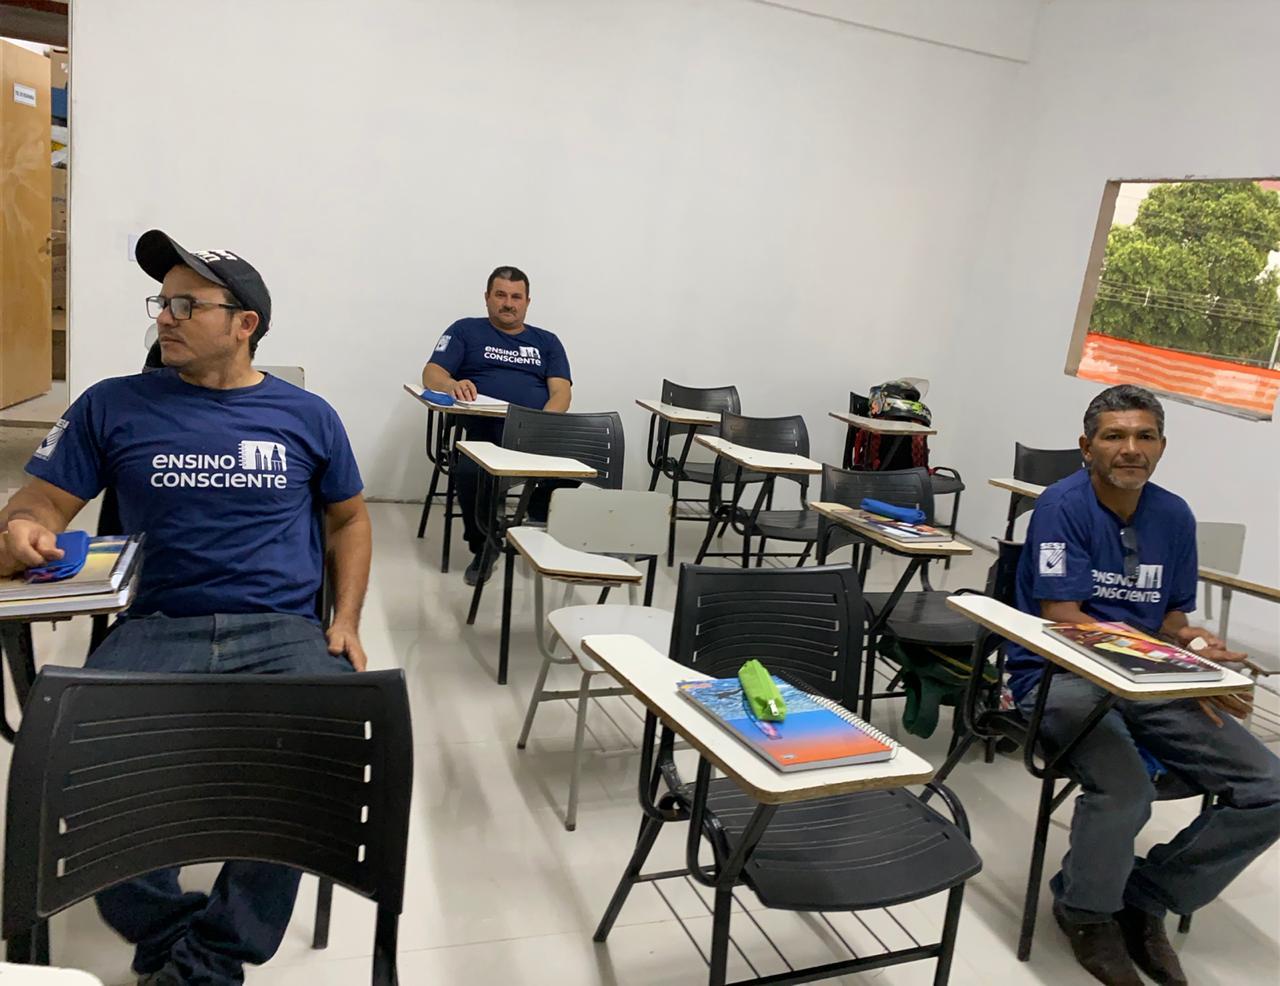 Escola na obra ajuda trabalhadores a alcançar o sonho de mudança de vida